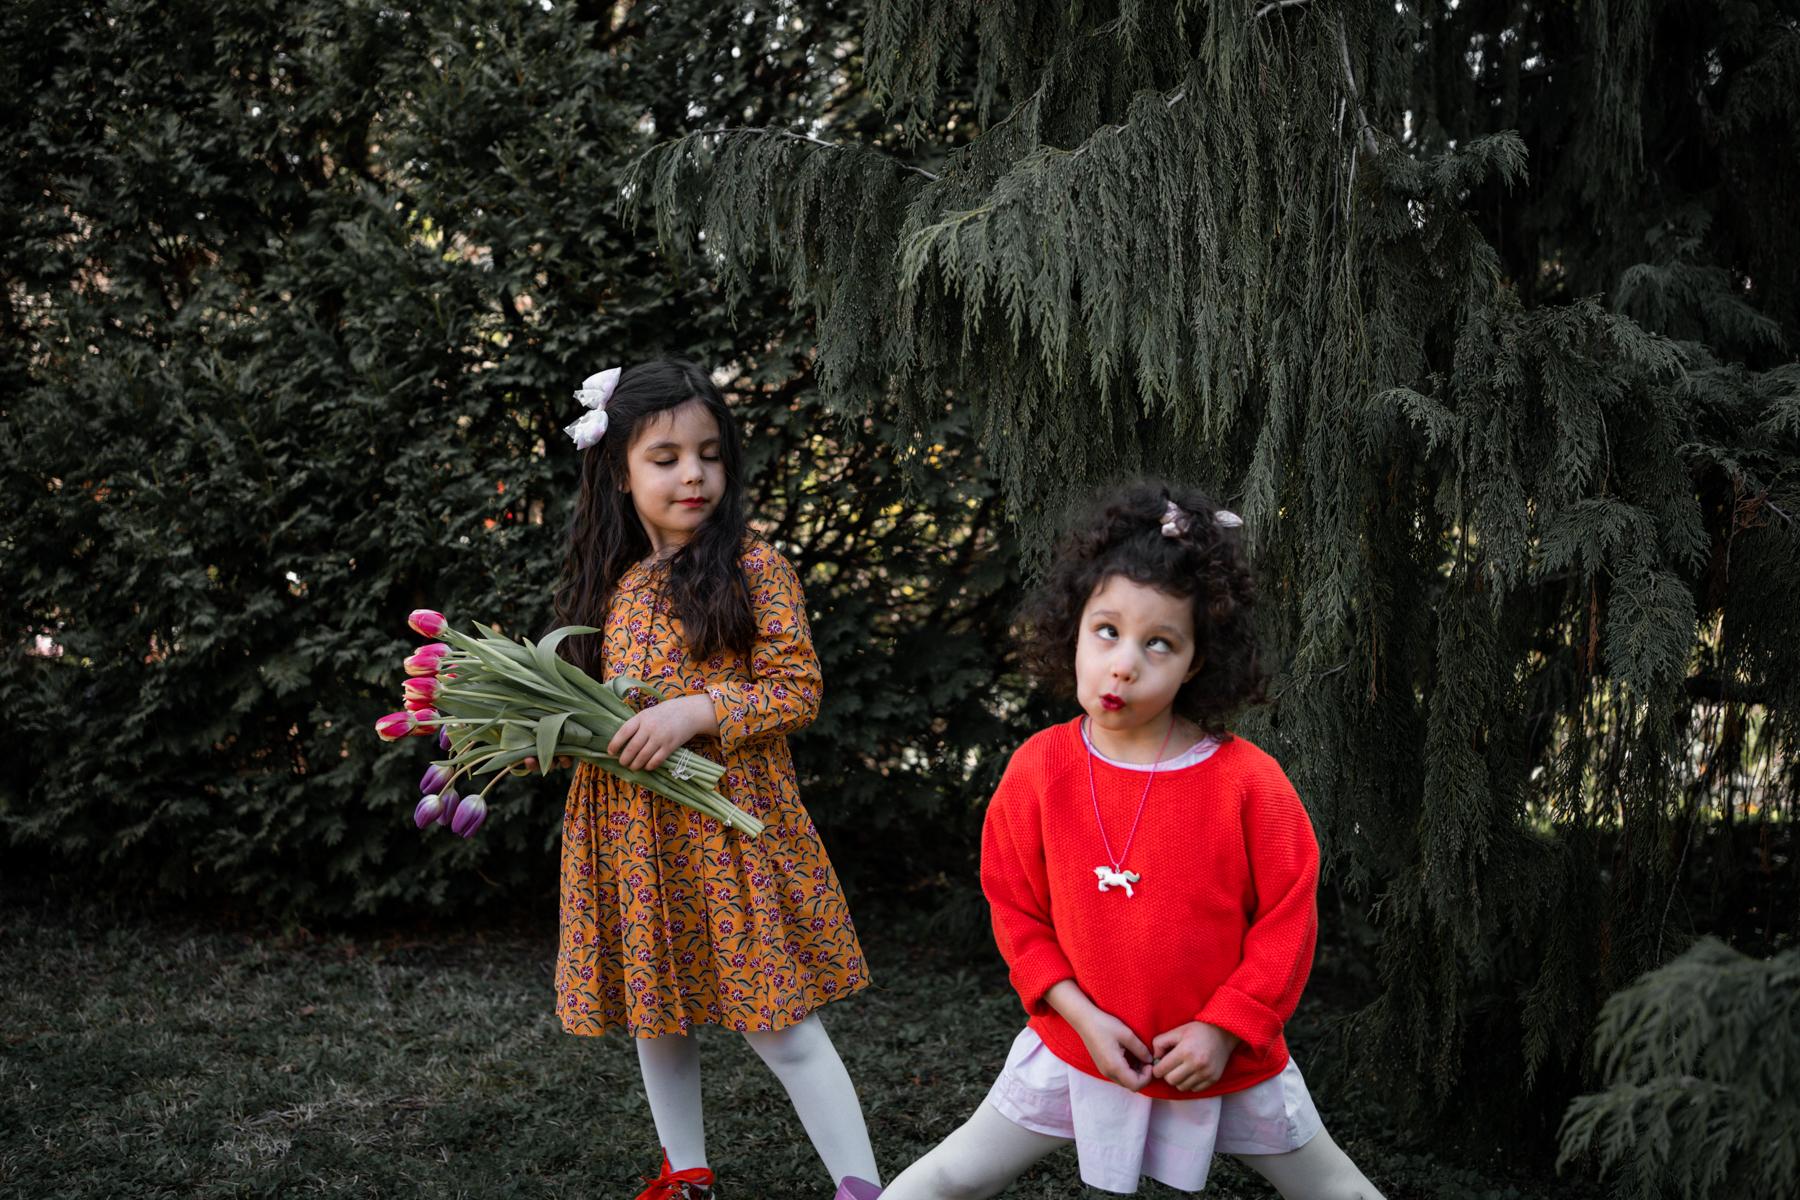 Anniversaire confiné, Coronavirus, 2 petites filles font les clowns